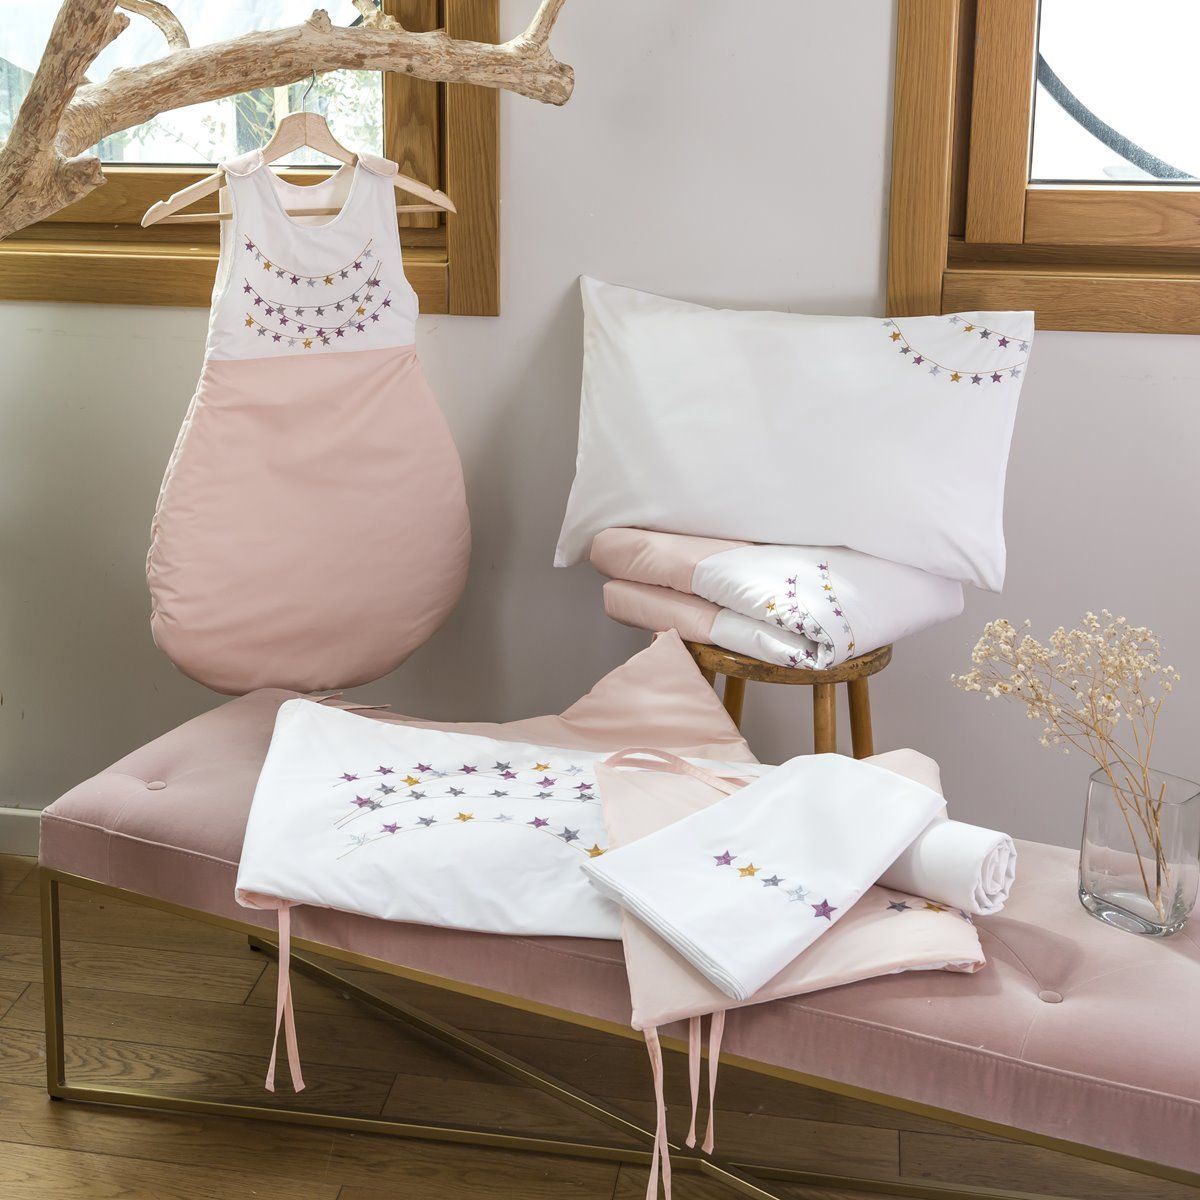 Baby bed linen - Estrella